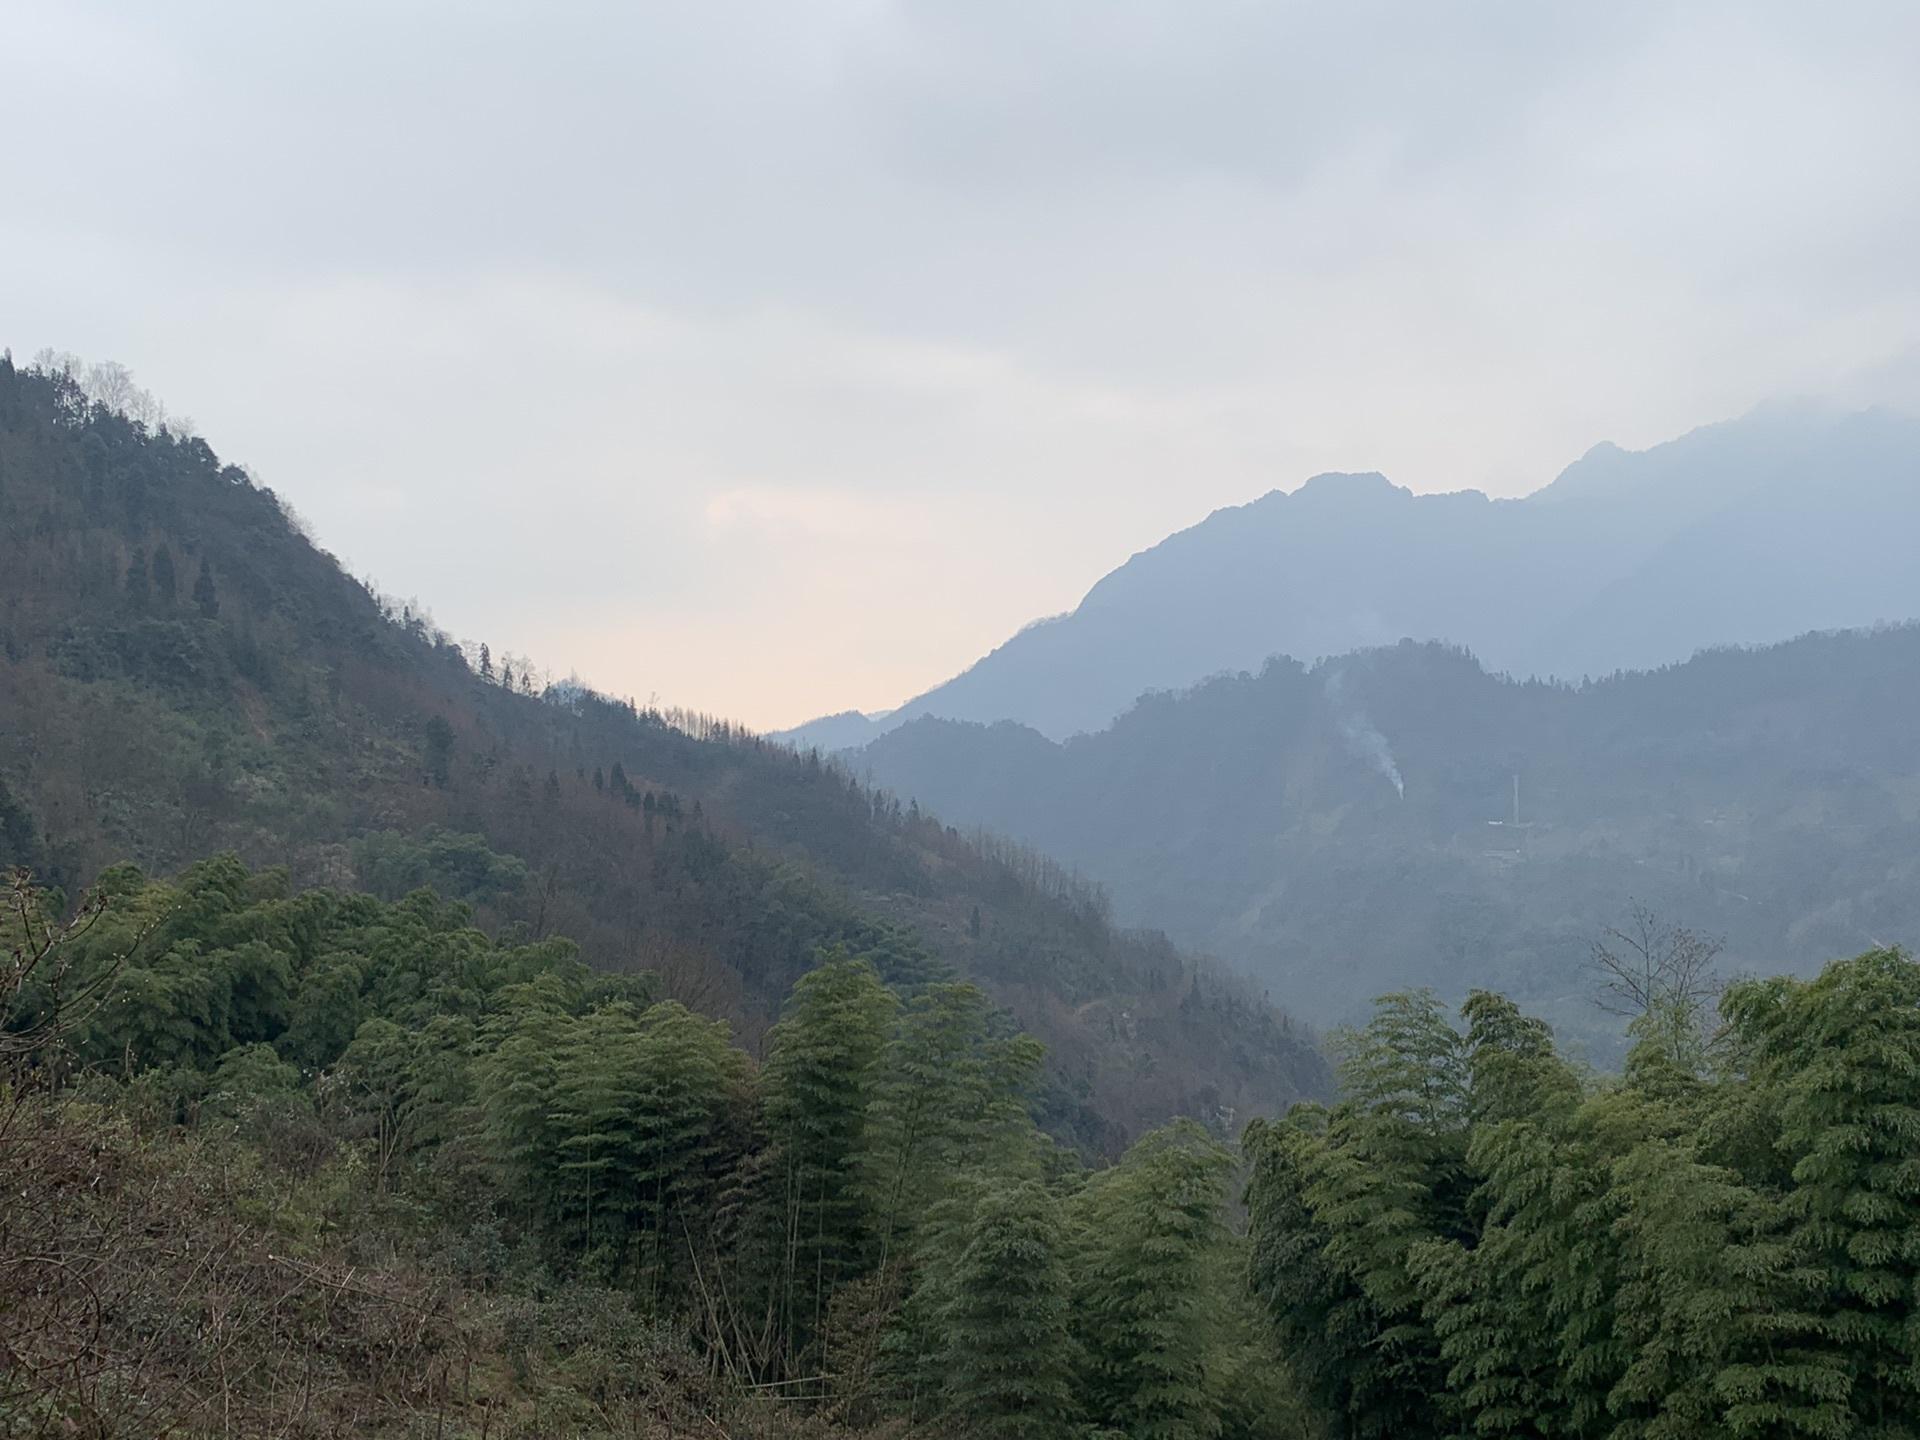 2019年3月初春的雾重庆,中山v攻略攻略-马蜂窝大邑到普寨黑抚仙湖自驾游攻略图片